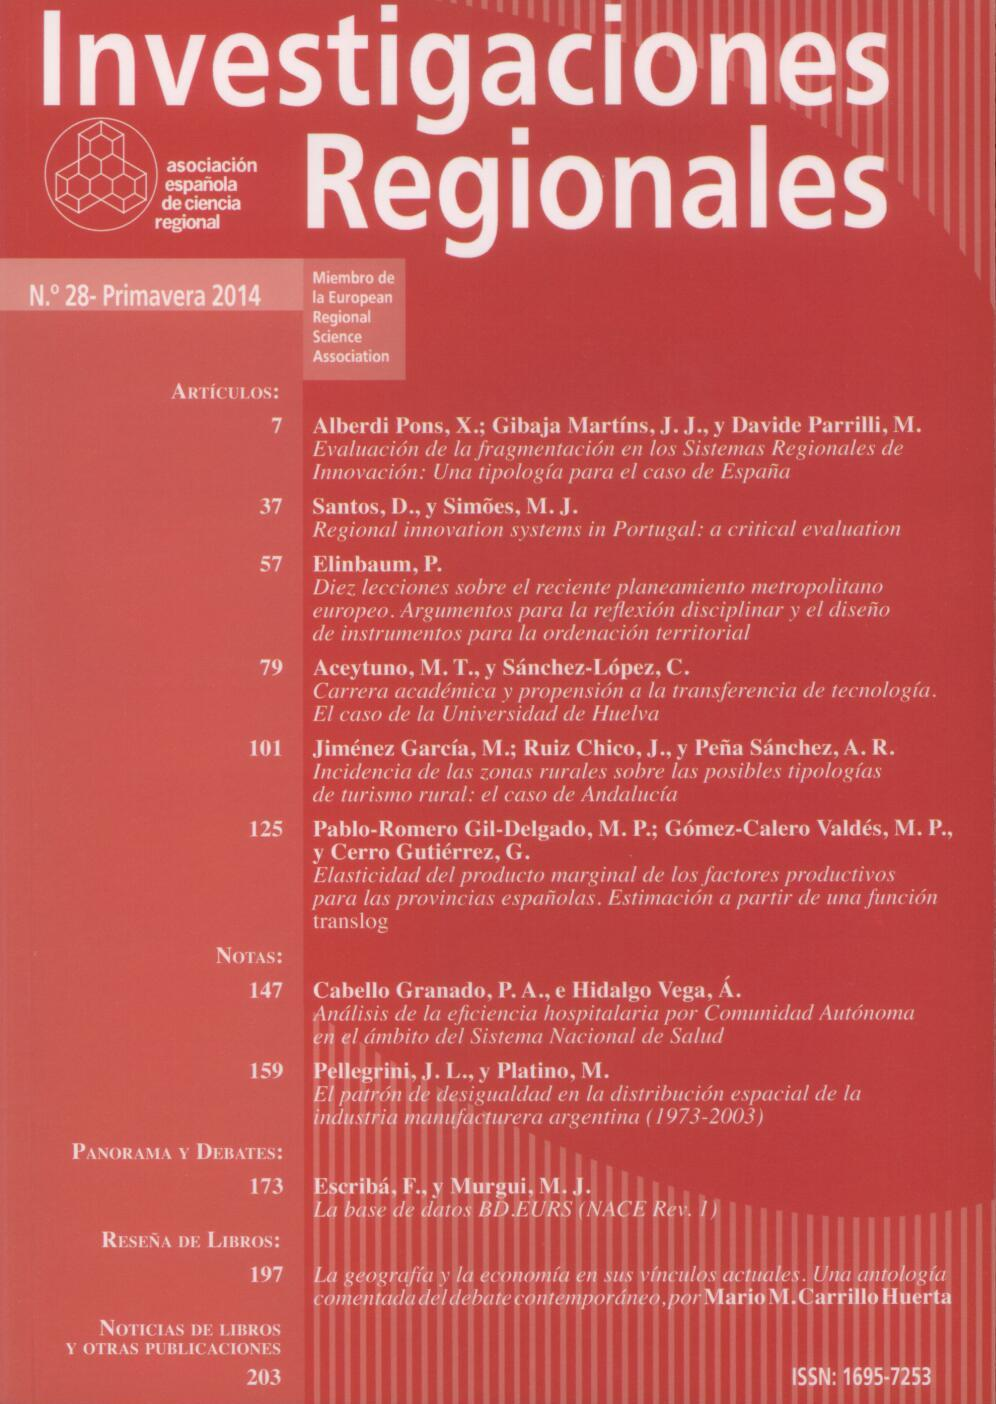 Investigaciones Regionales – Journal of Regional Research- Número 40 ya disponible con los links a todos los artículos